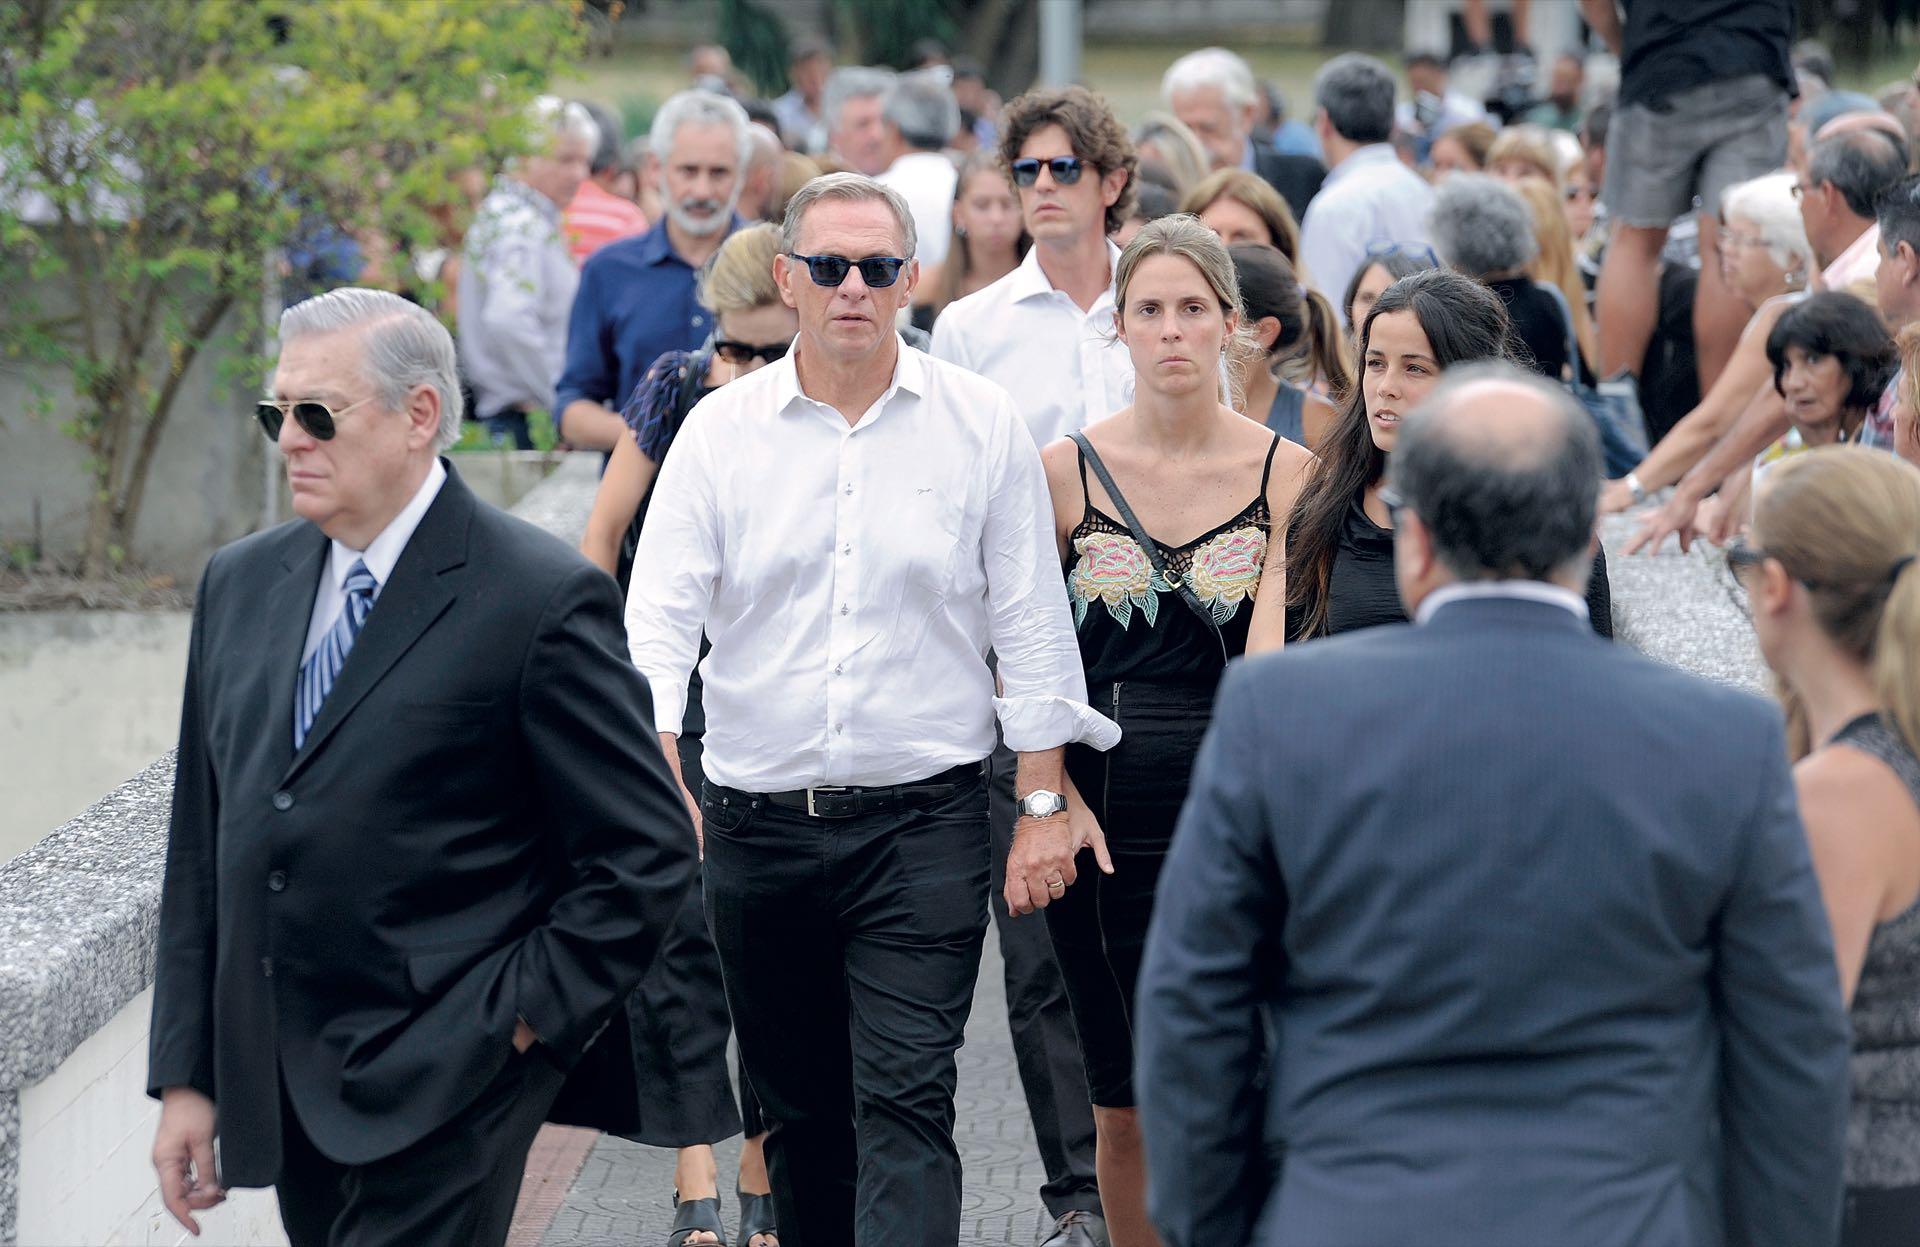 Santo Biasatti, Marcelo Bonelli, Martín Lousteau -líder del partido al que se sumó Débora- y Carla Peterson (Fotos: Enrique García Medina y Maxi Vernazza/GENTE)